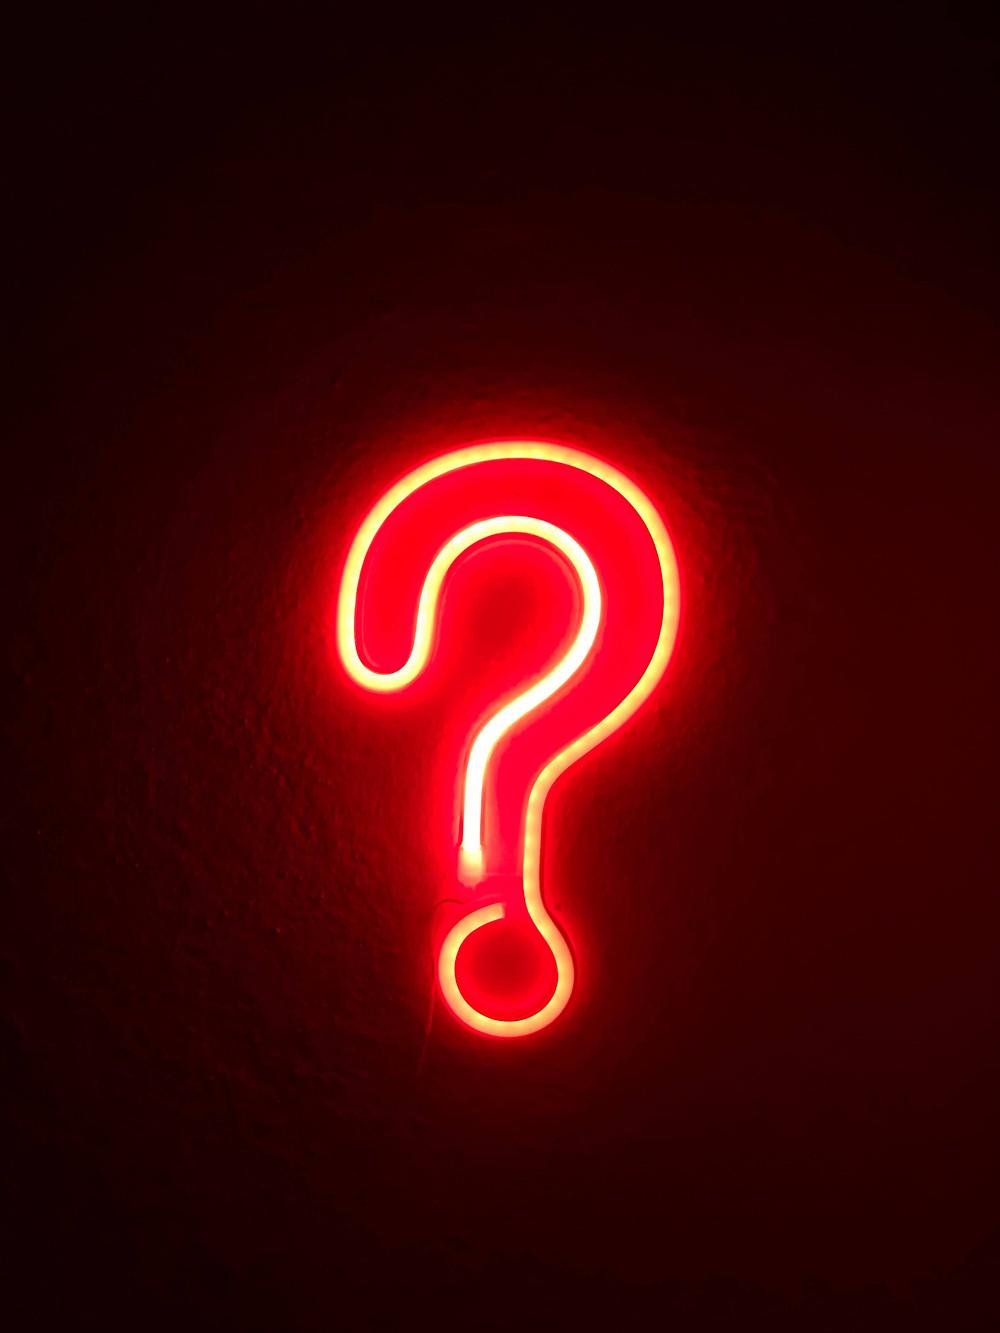 ТОП-5 питань про діяльність ОСББ у багатоквартирному будинку